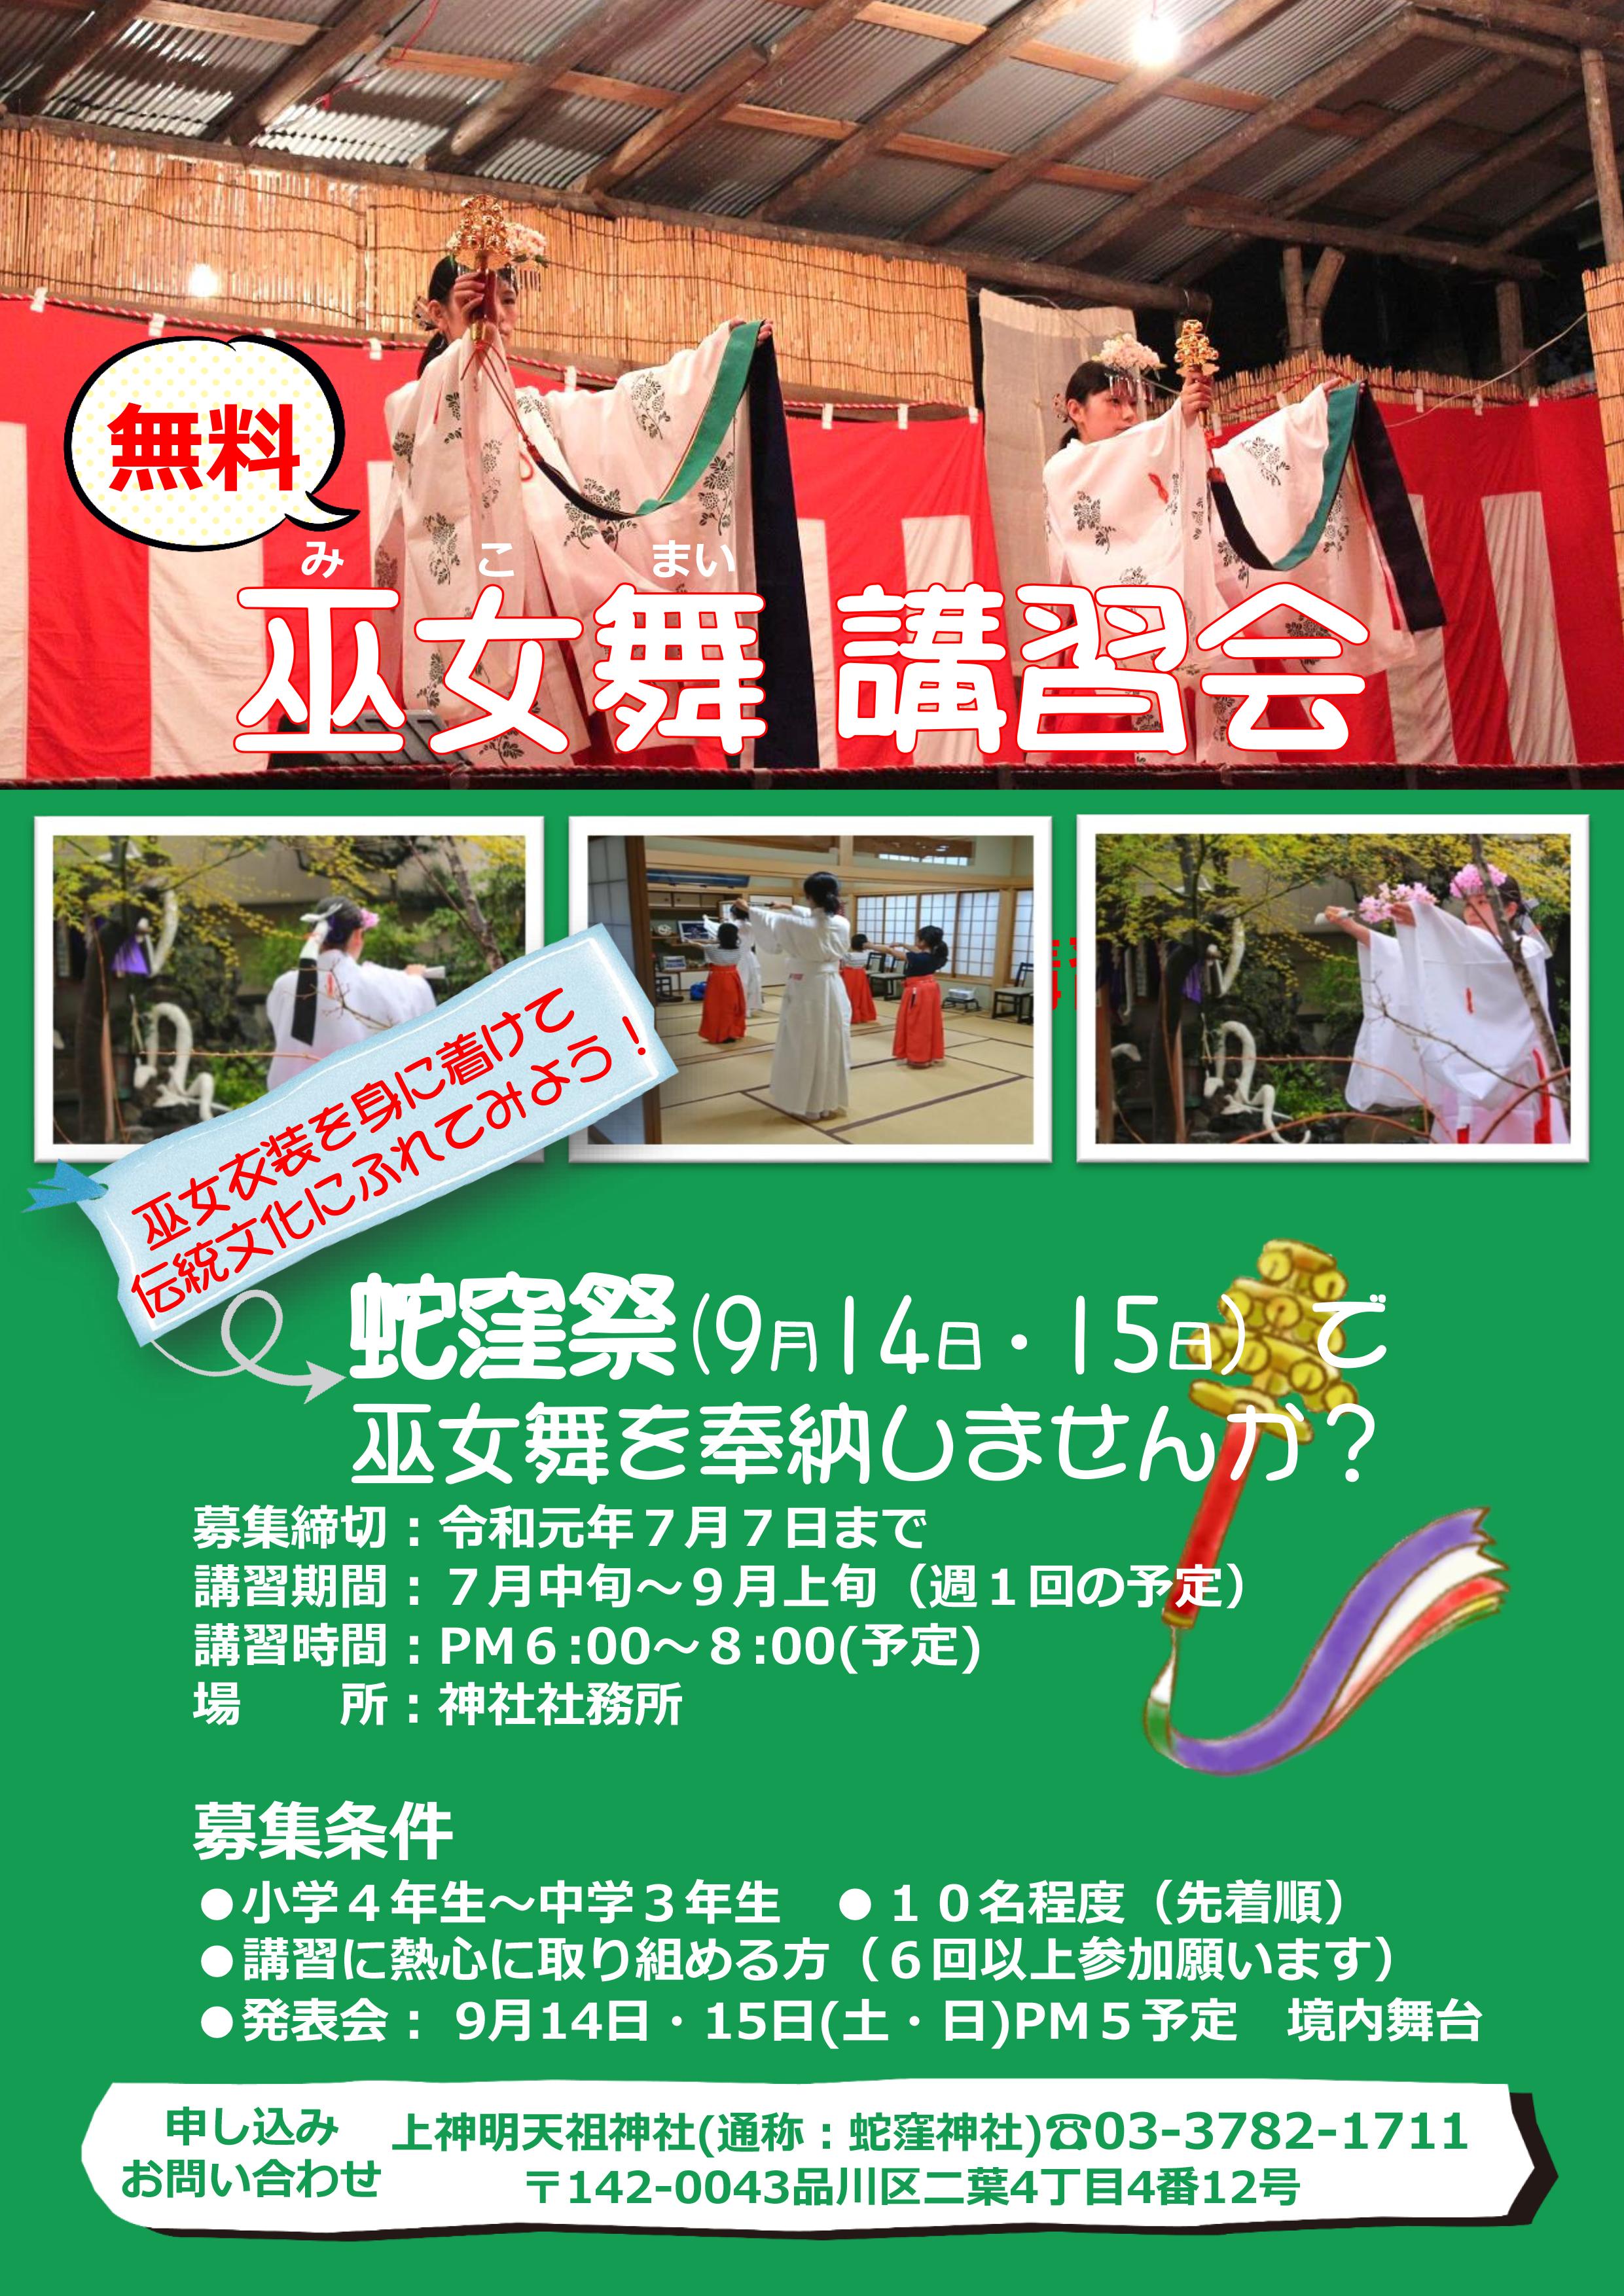 巫女舞 講習会 蛇窪祭)9月14日・15日で巫女舞を奉納しませんか